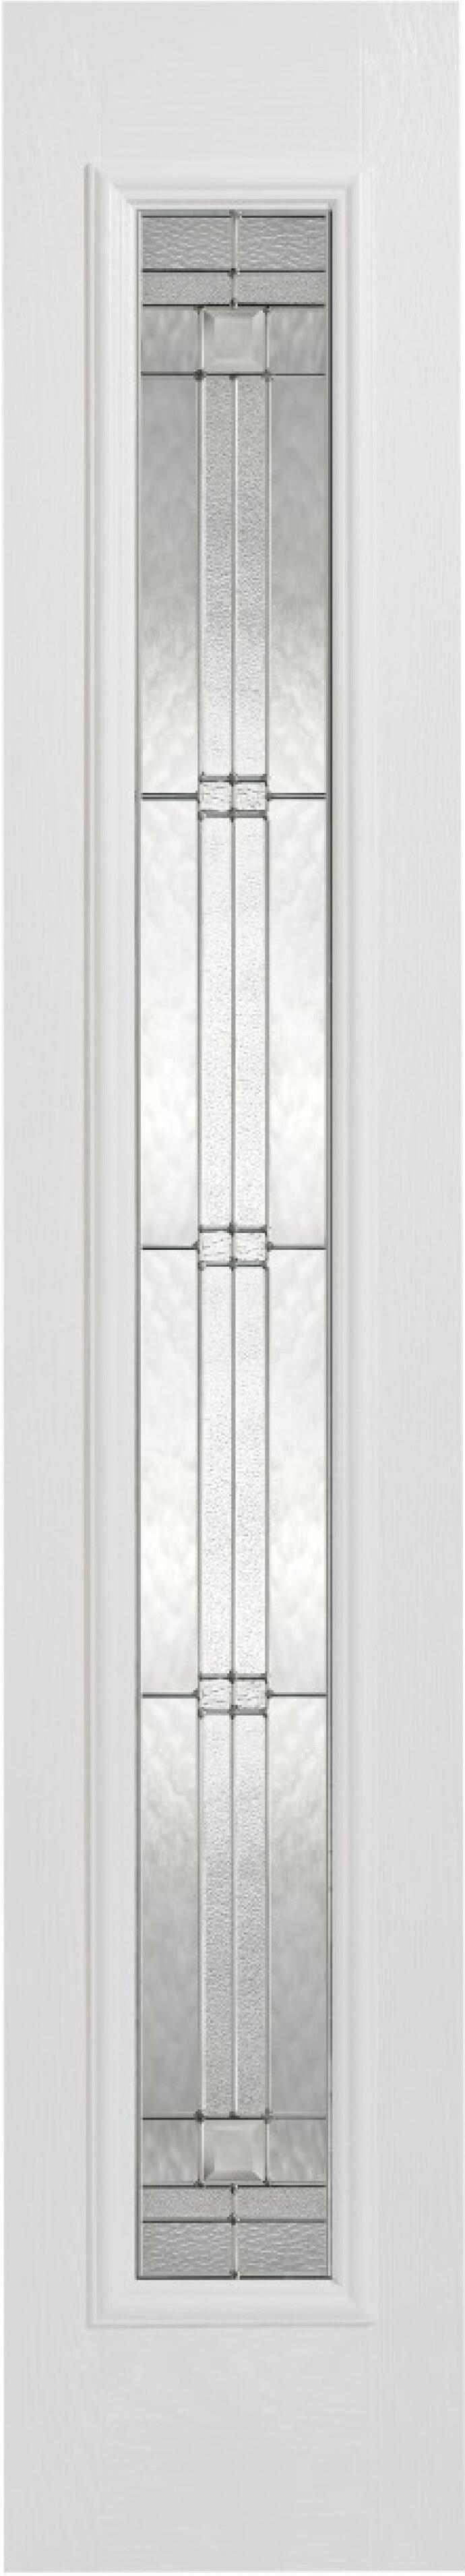 Elegant White Glazed Composite Sidelight